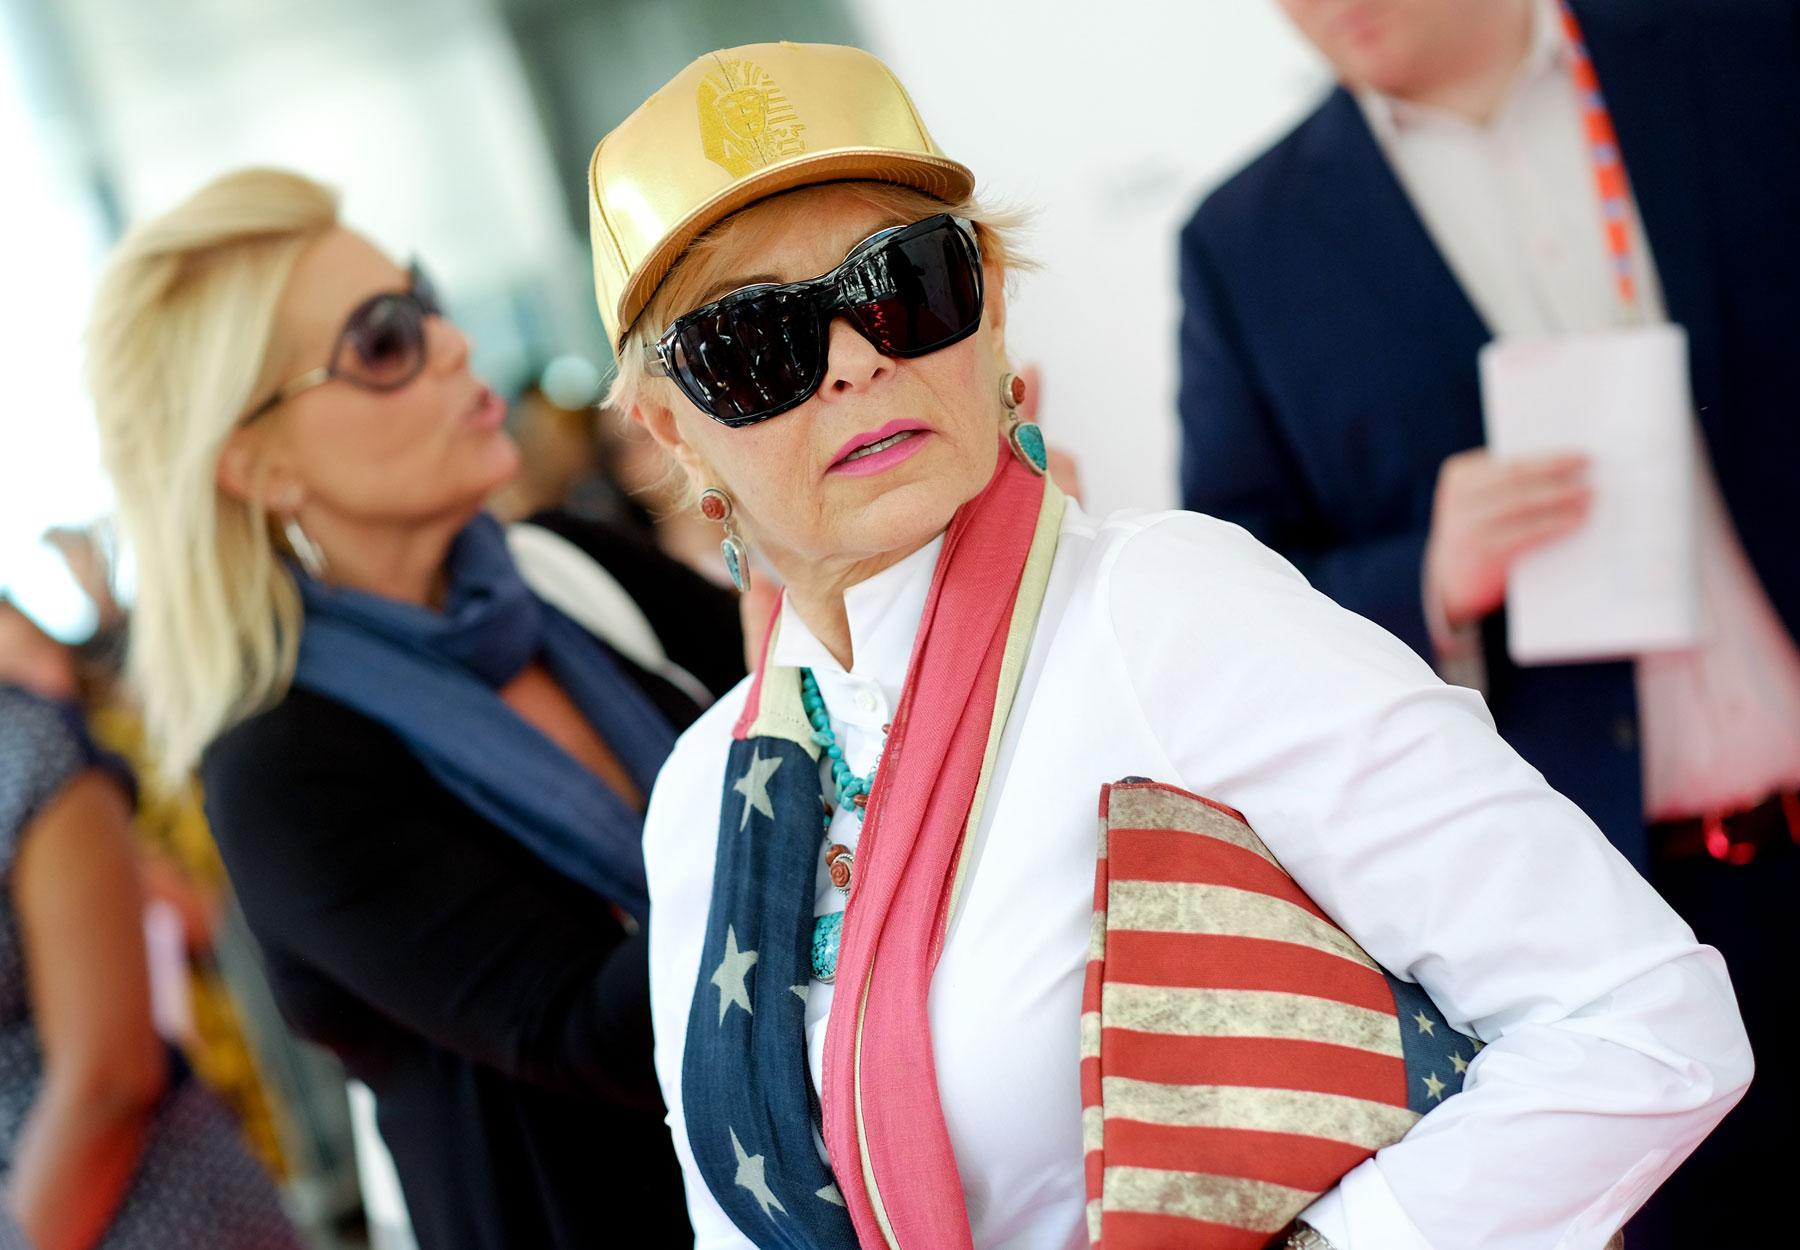 Roseanne Barr says she's going blind